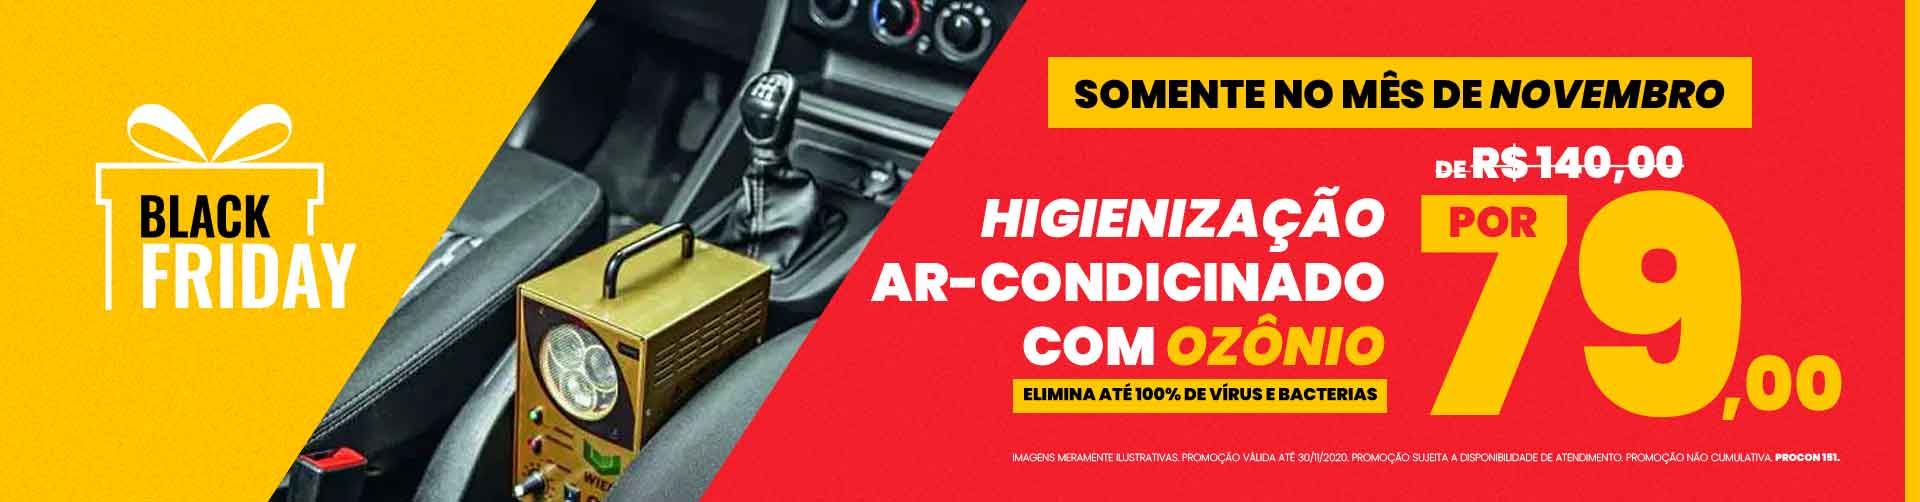 Higienização de ar-condicionado com ozônio em promoção na Zona Sul de São Paulo